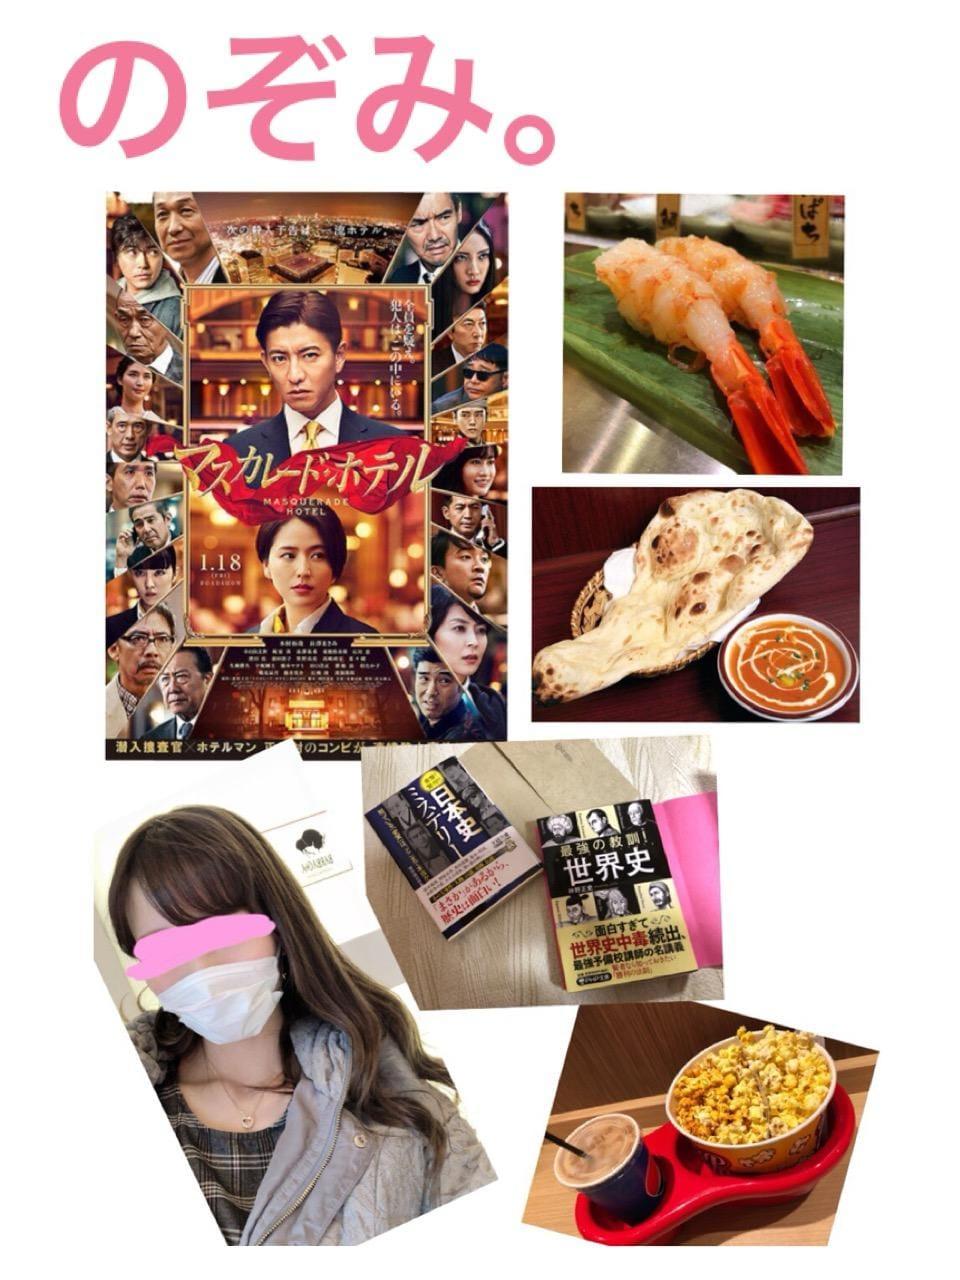 香川希美「お一人様day」01/21(月) 21:16 | 香川希美の写メ・風俗動画